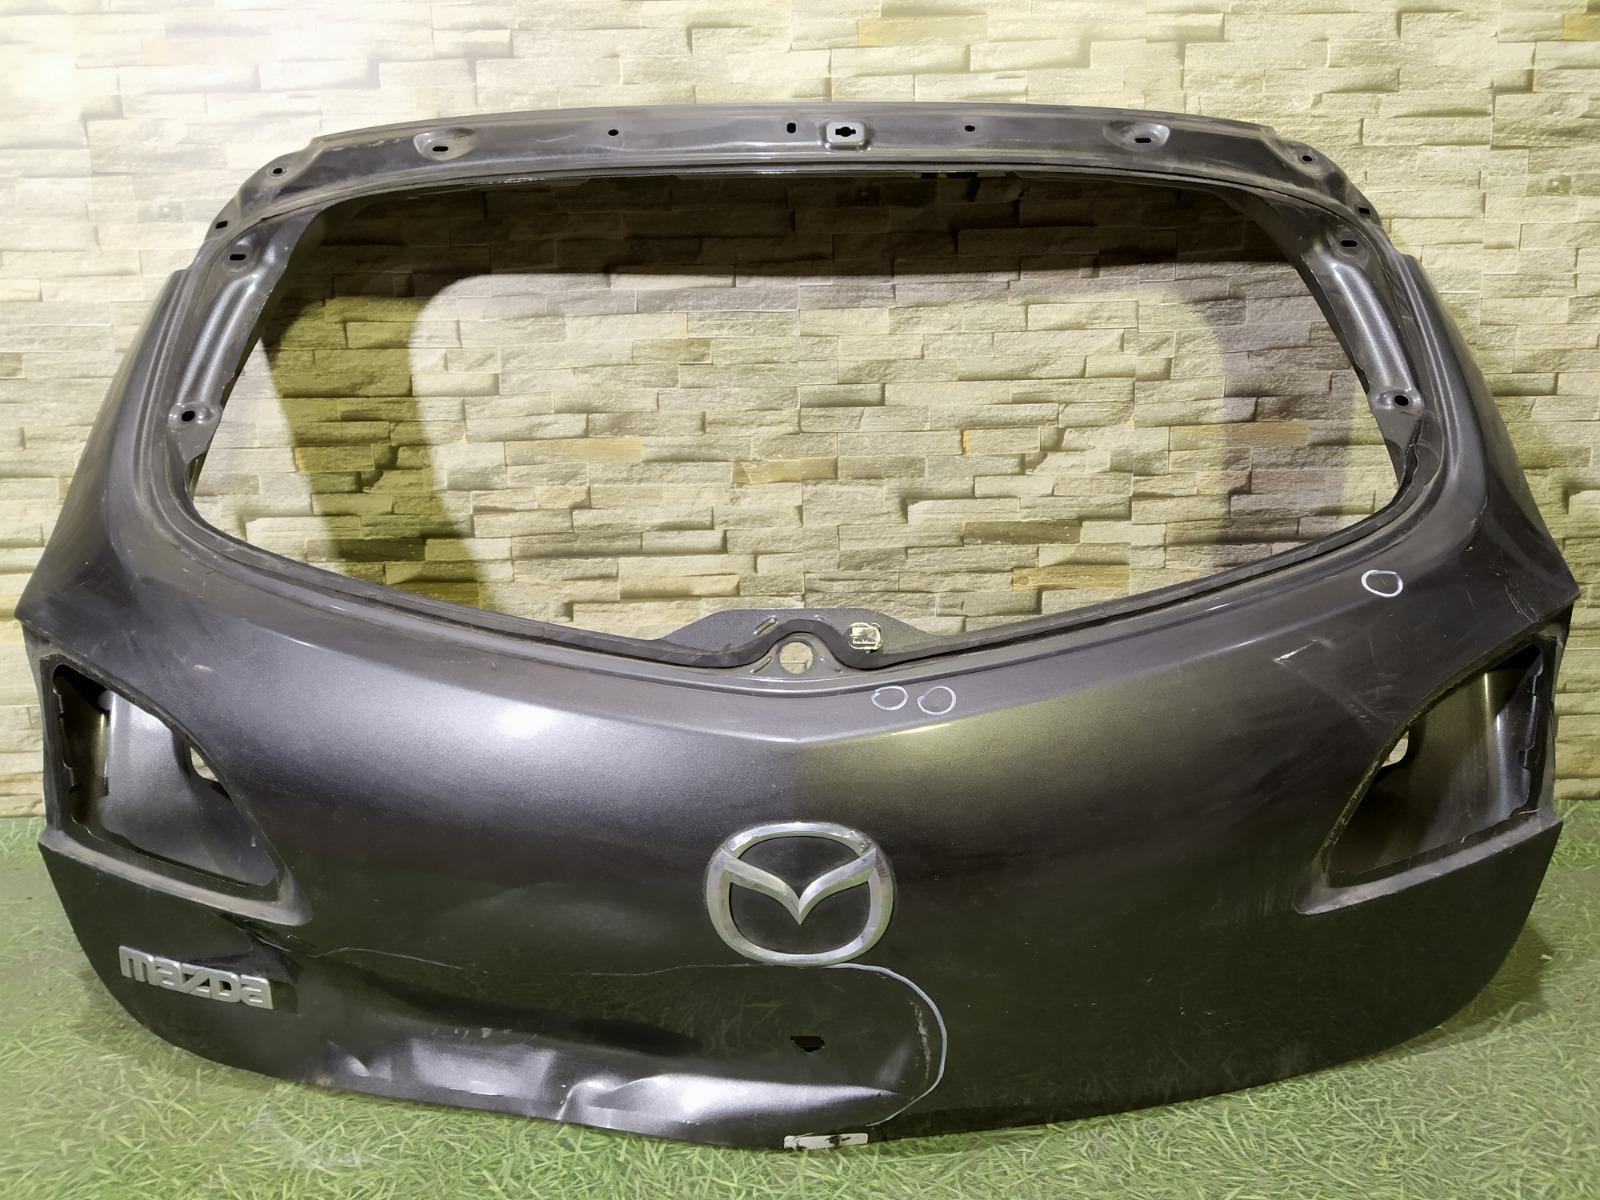 Дверь багажника Mazda Mazda 3 2009-2013 BL BBY96202XE Б/У